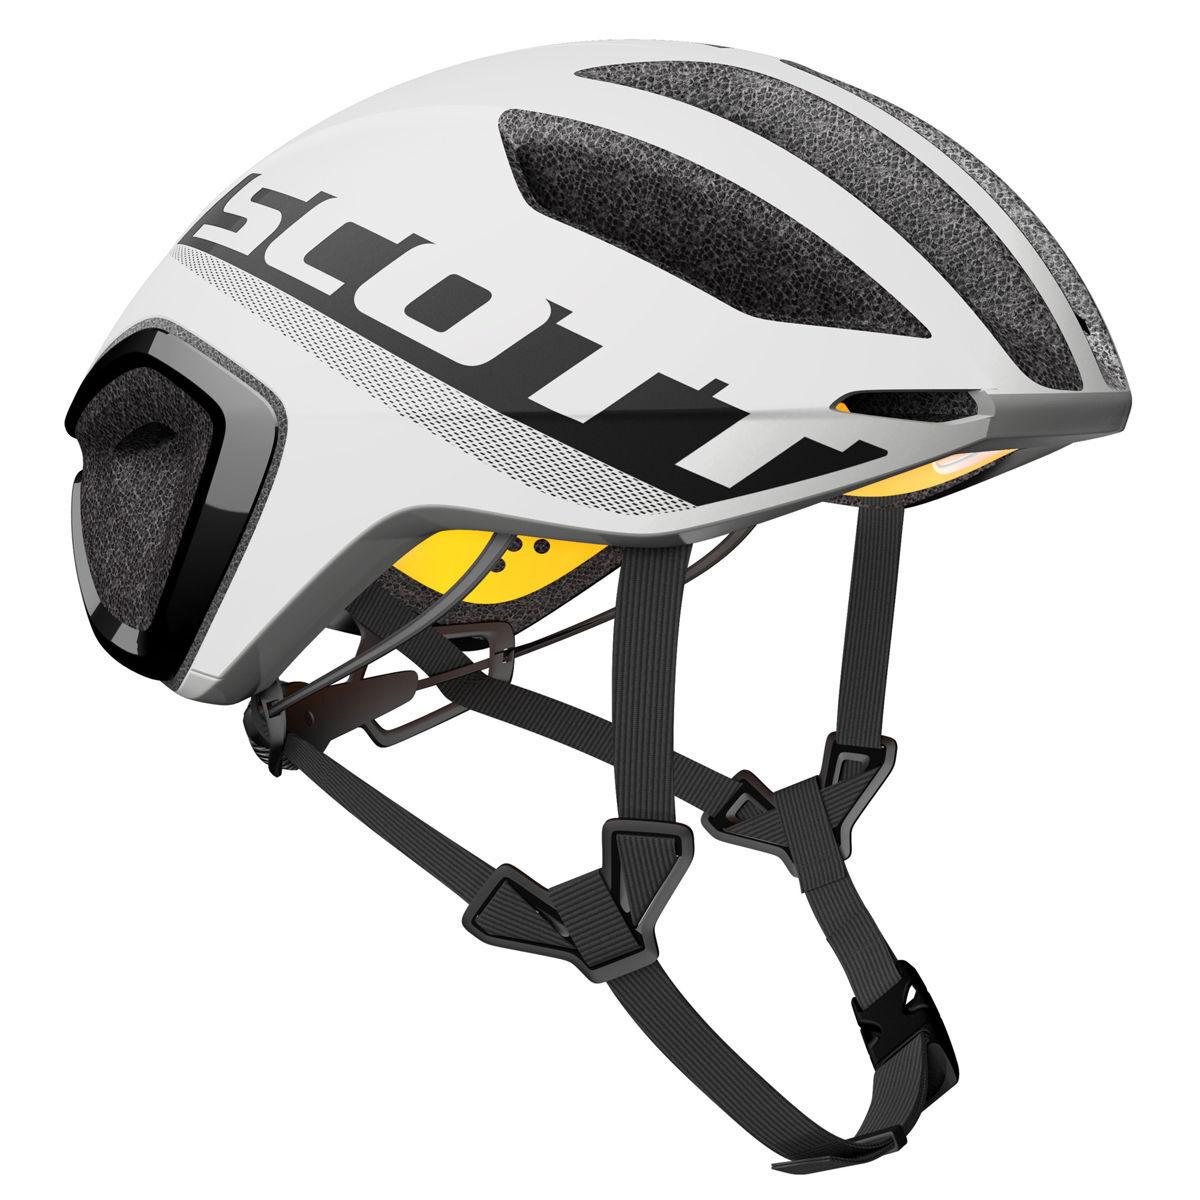 Helm HELMET SCOTT Trittfrequenz PLUS Farbe Weiß schwarz Größe L (59-61cm)